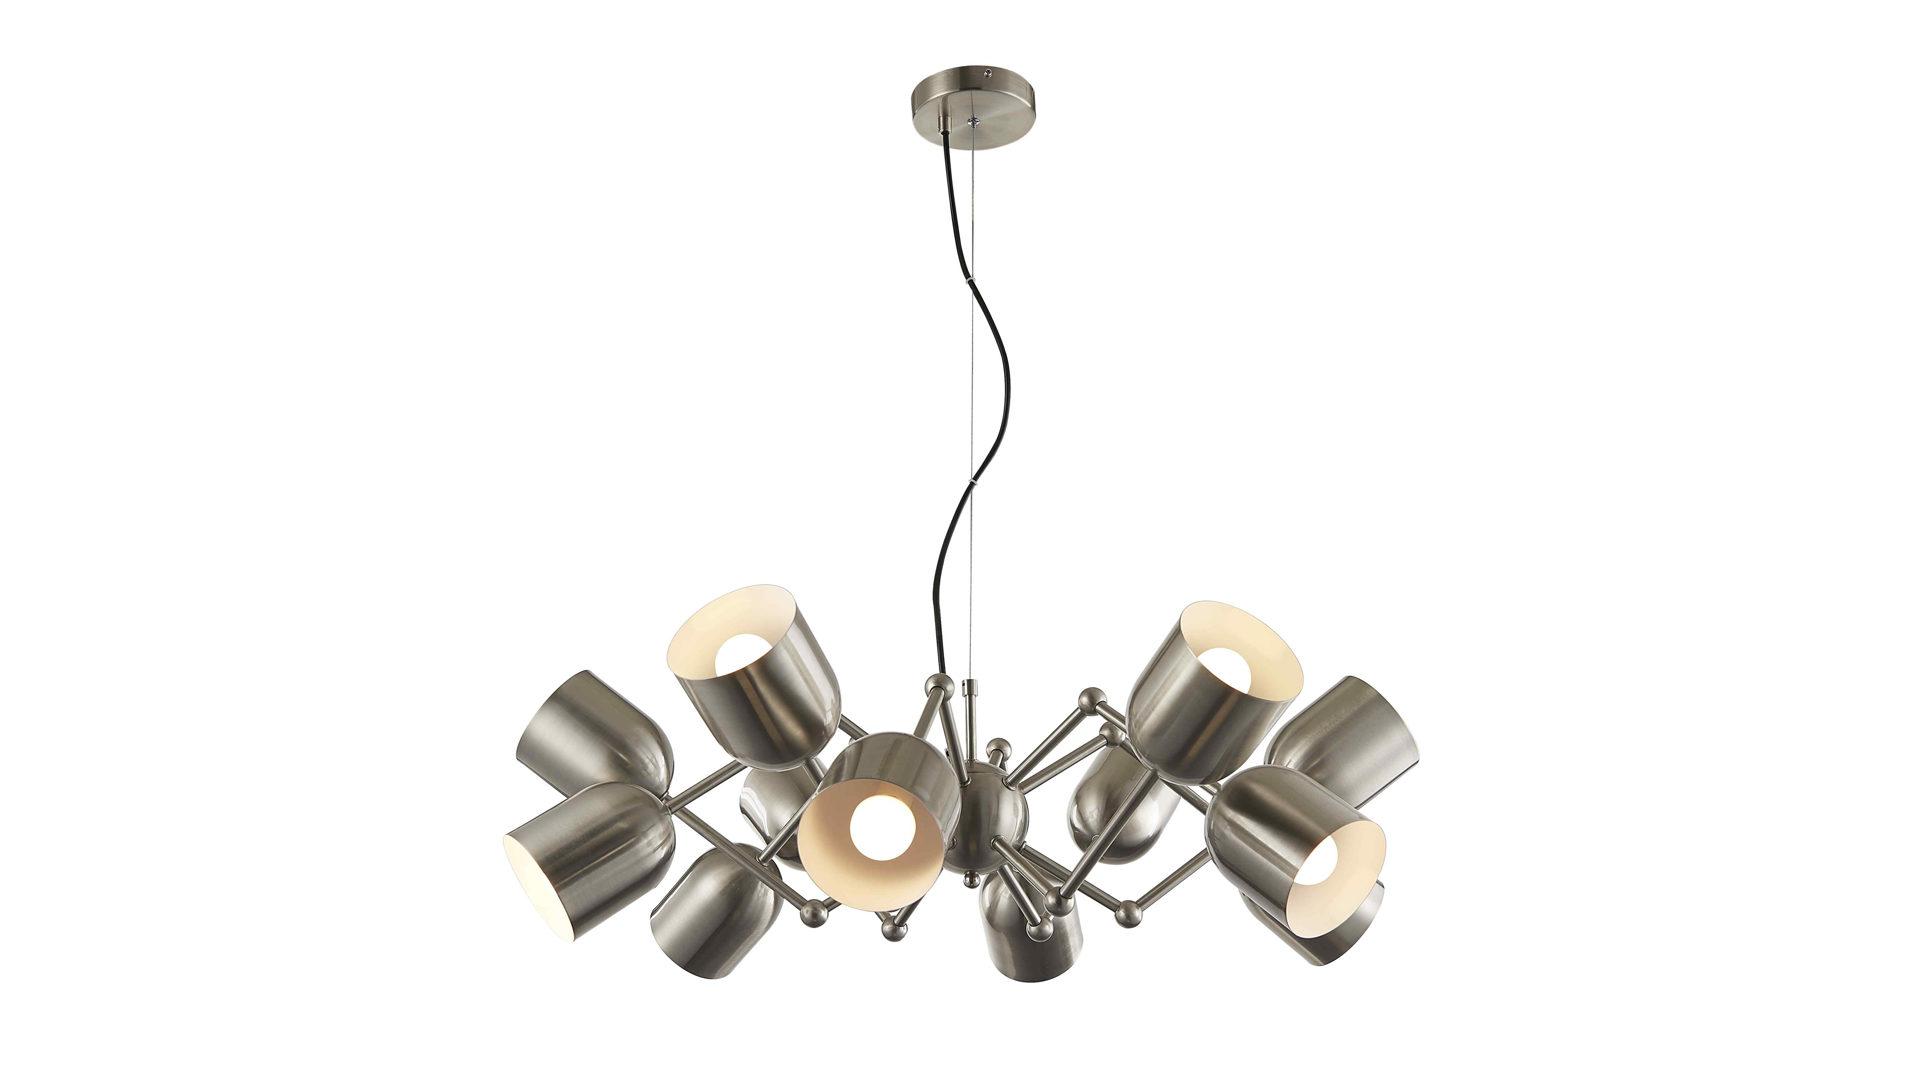 Hoffmann Möbel Guben, Räume, Esszimmer, Lampen + Leuchten, LED Pendelleuchte,  LED Pendelleuchte Petto, Nickel Matt U2013 Durchmesser Ca. 80 Cm